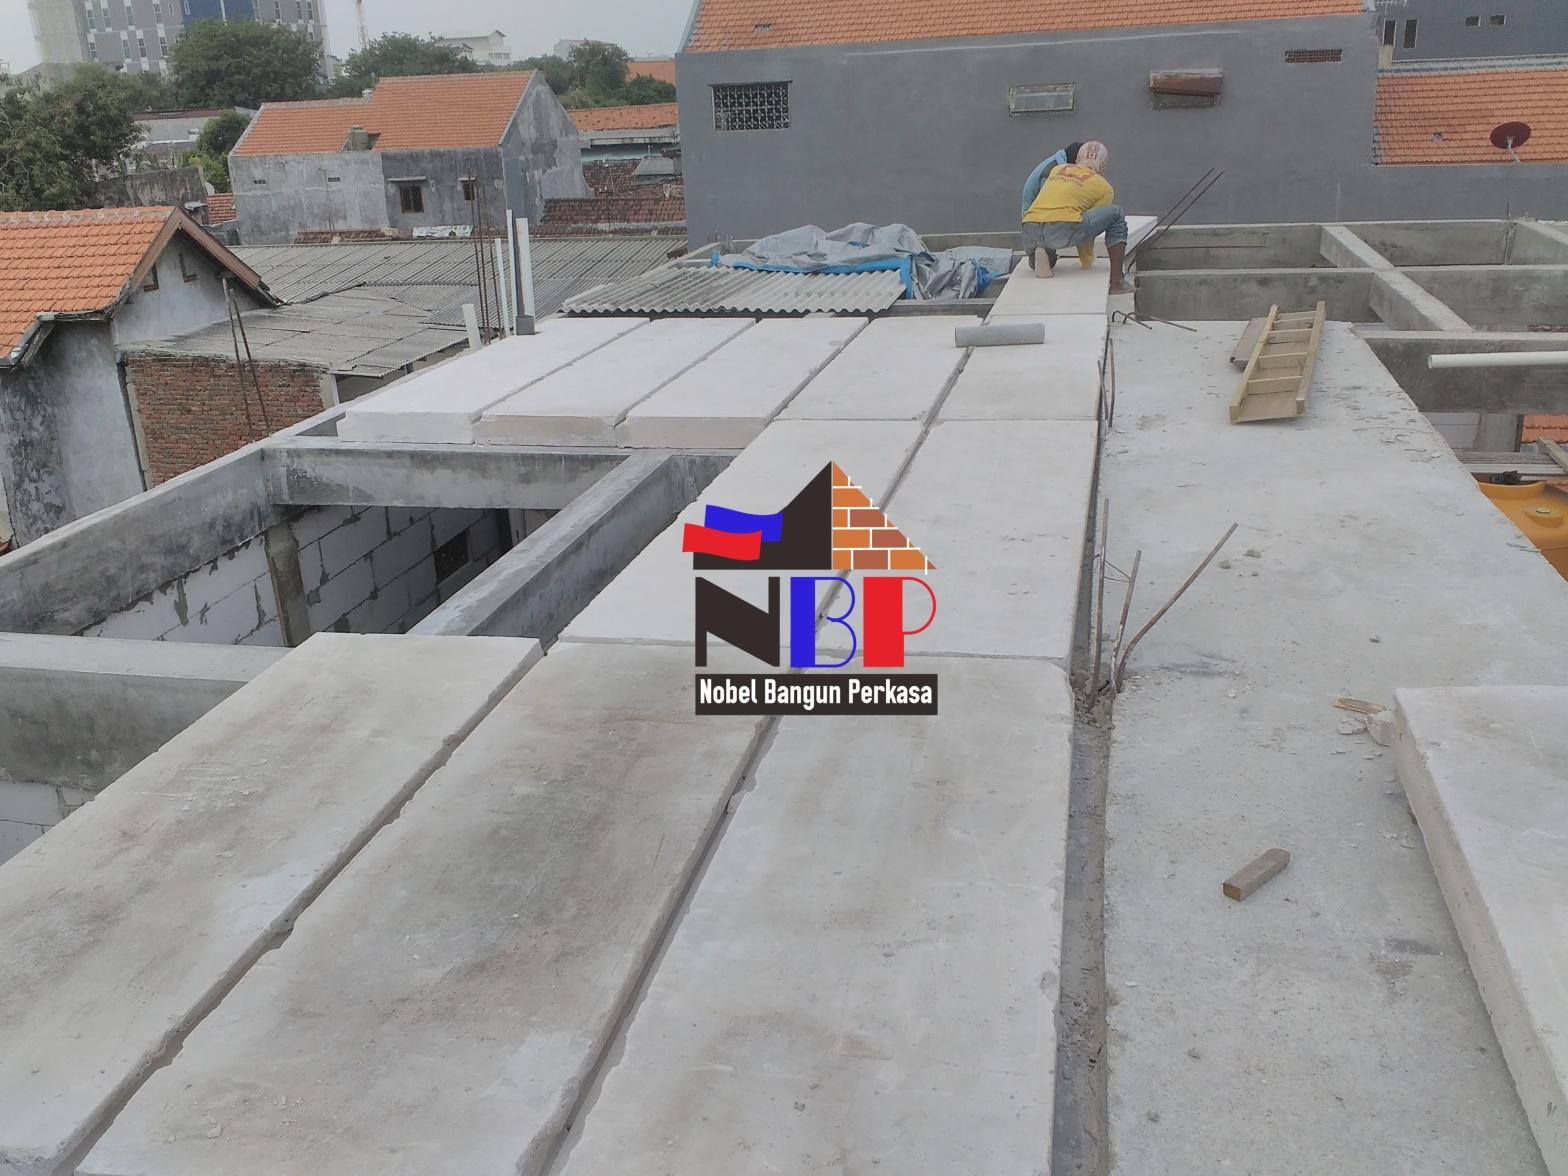 jual panel lantai, jual panel lantai surabaya sidoarjo gresik, panel lantai citicon, panel lantai citicon surabaya sidoarjo gresik, harga panel lantai, harga panel lantai surabaya sidoarjo gresik, harga panel lantai citicon, harga panel lantai citicon surabaya sidoarjo gresik, panel lantai beton, ukuran panel lantai, dak beton ringan, ukuran panel lantai citicon, panel lantai hebel, hebel lantai, dak hebel murah